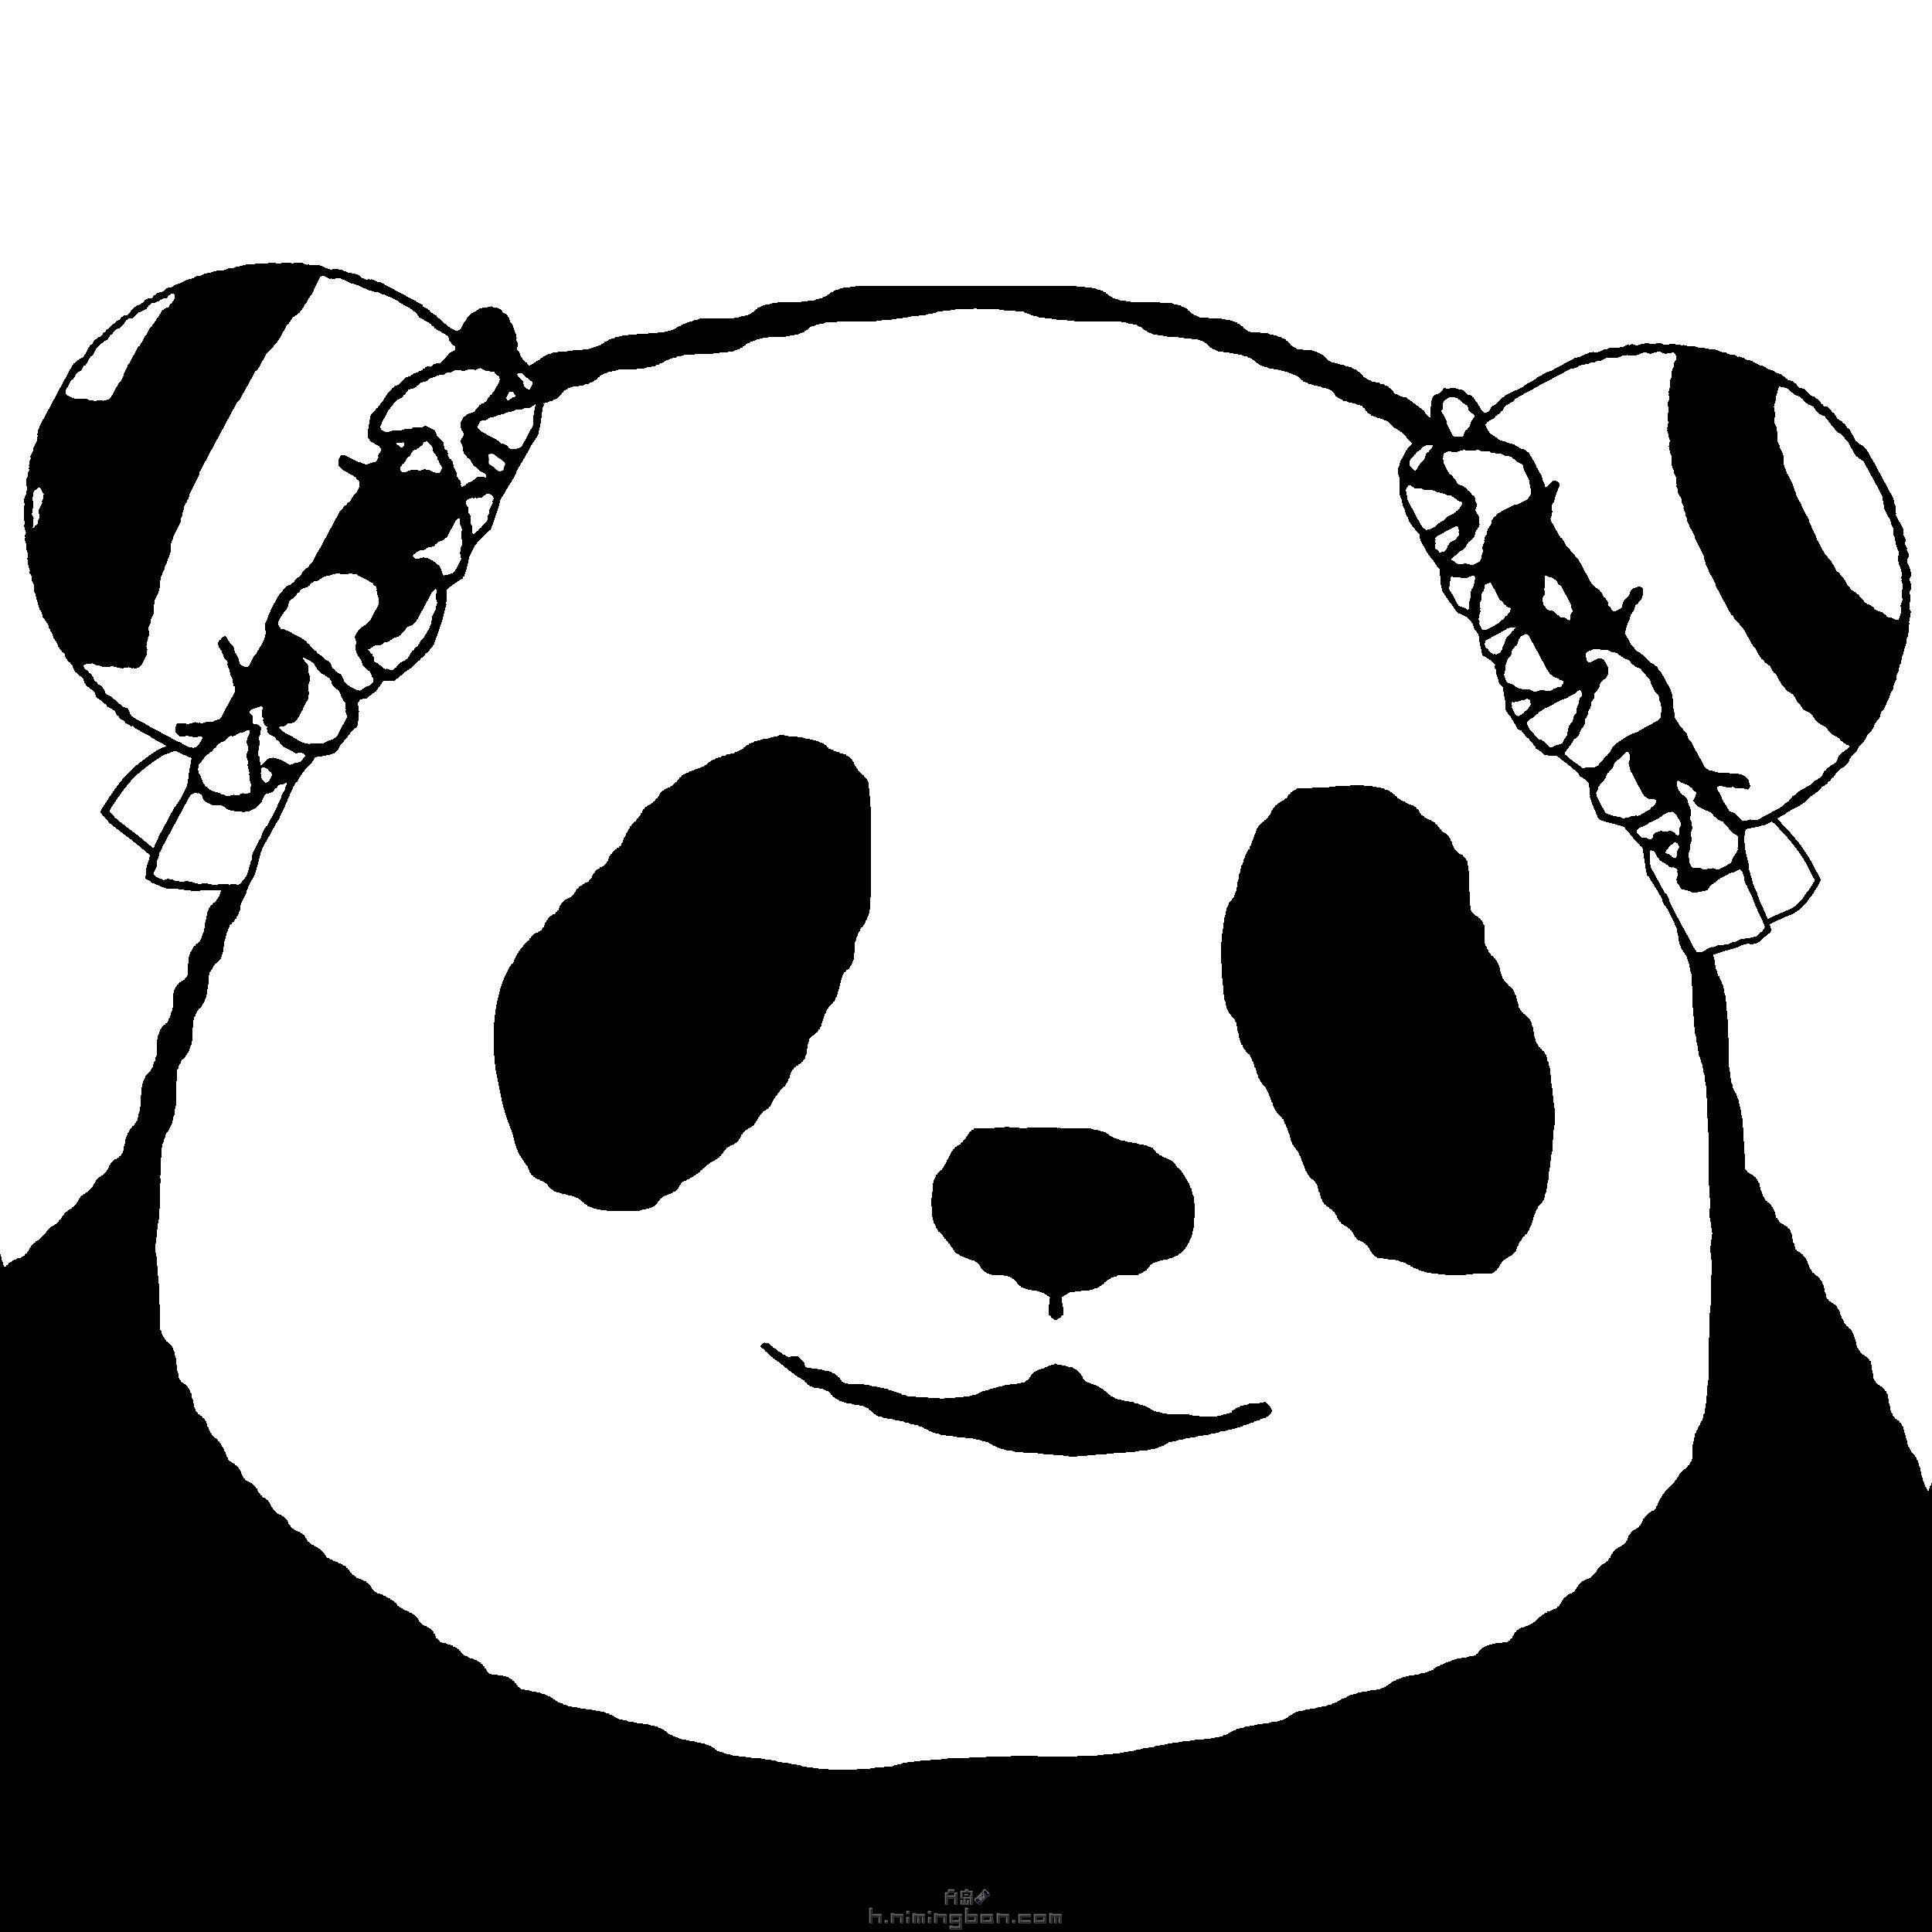 【ac娘】一年份的表情包(二次创作) - acfun弹幕视频图片